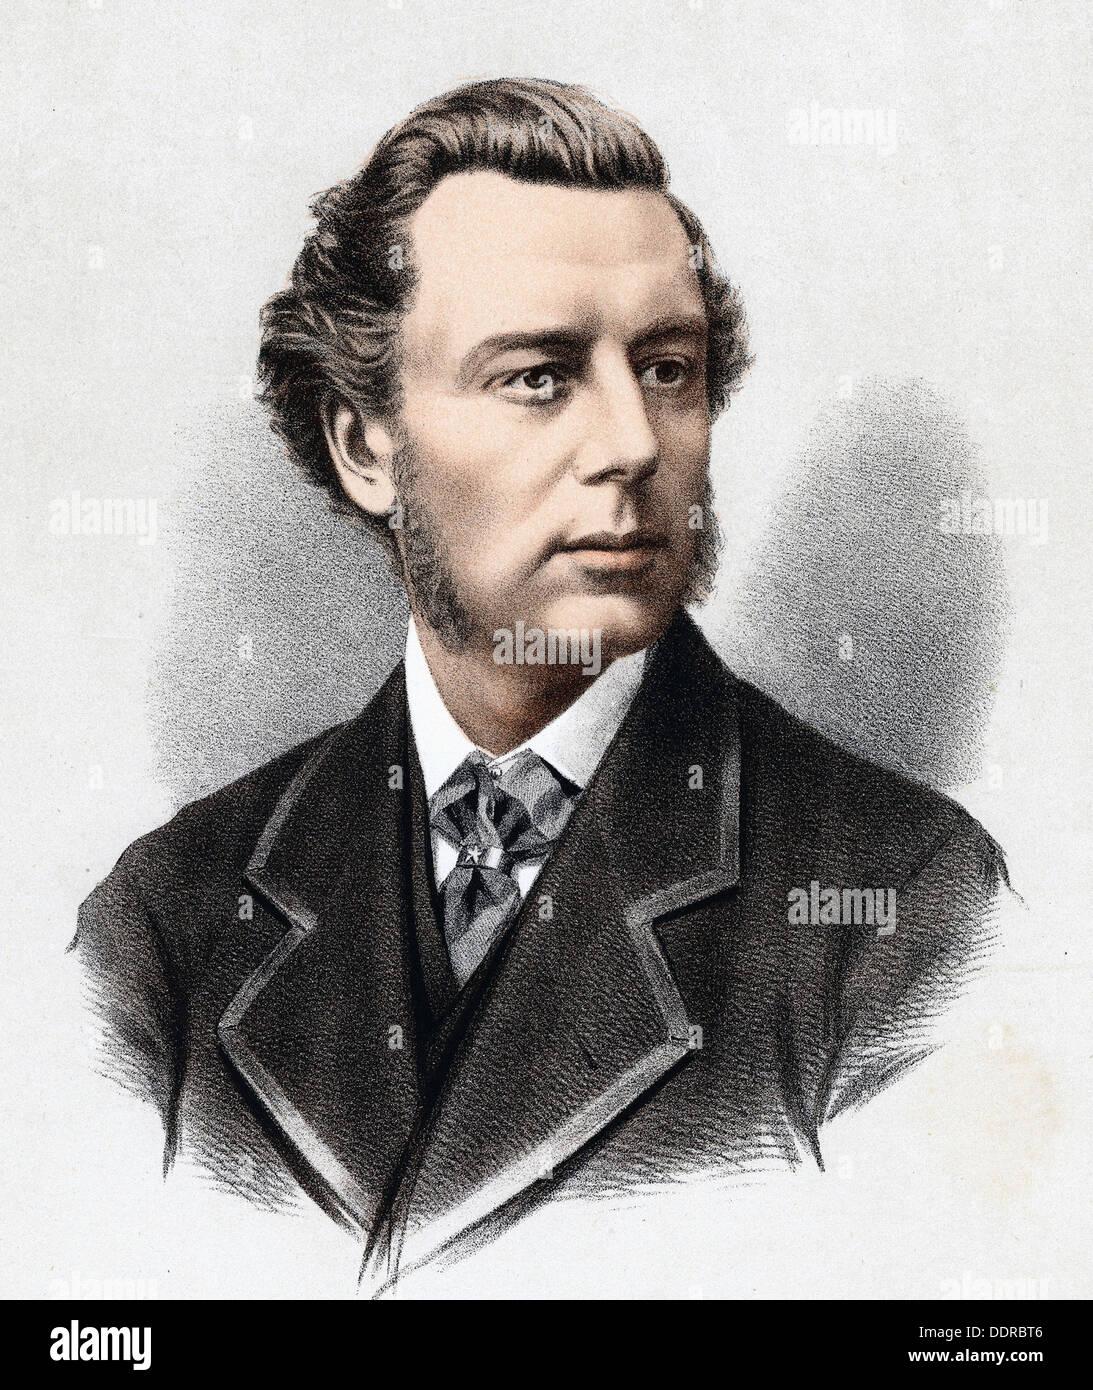 Joseph Chamberlain - British statesman - lithograph - 1880 - Stock Image